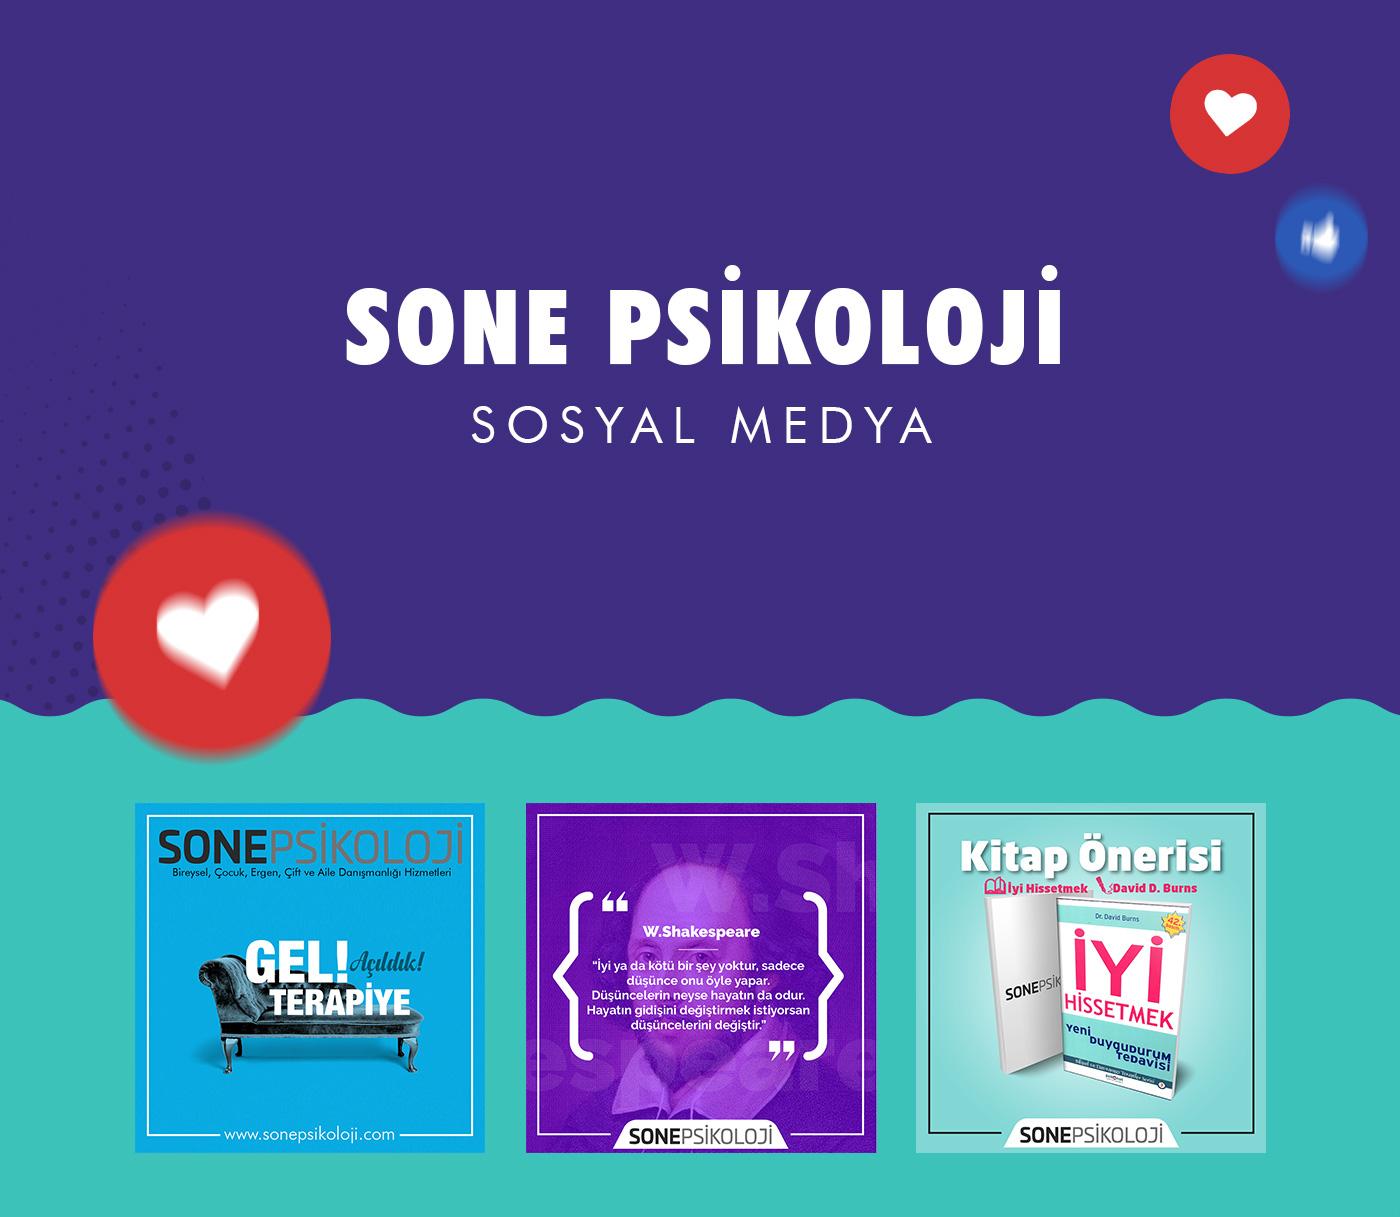 Sone Psikoloji Sosyal Medya